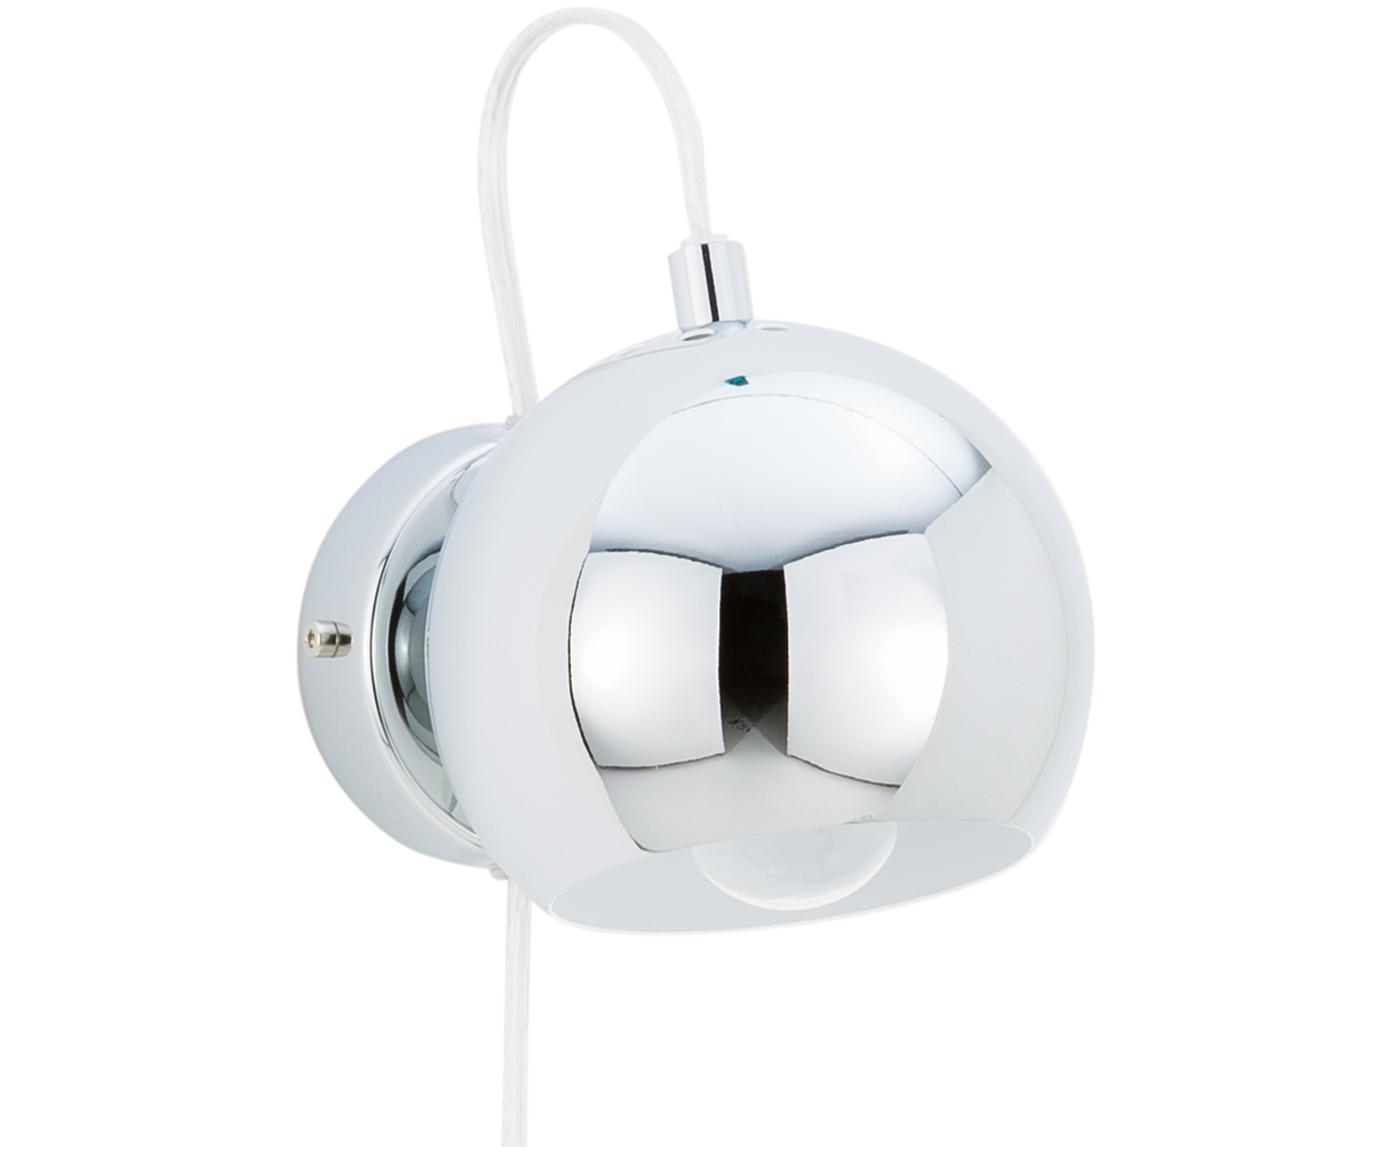 Wandlamp Ball met stekker, Verchroomd metaal, Chroomkleurig, hoogglans, 12 x 12 cm